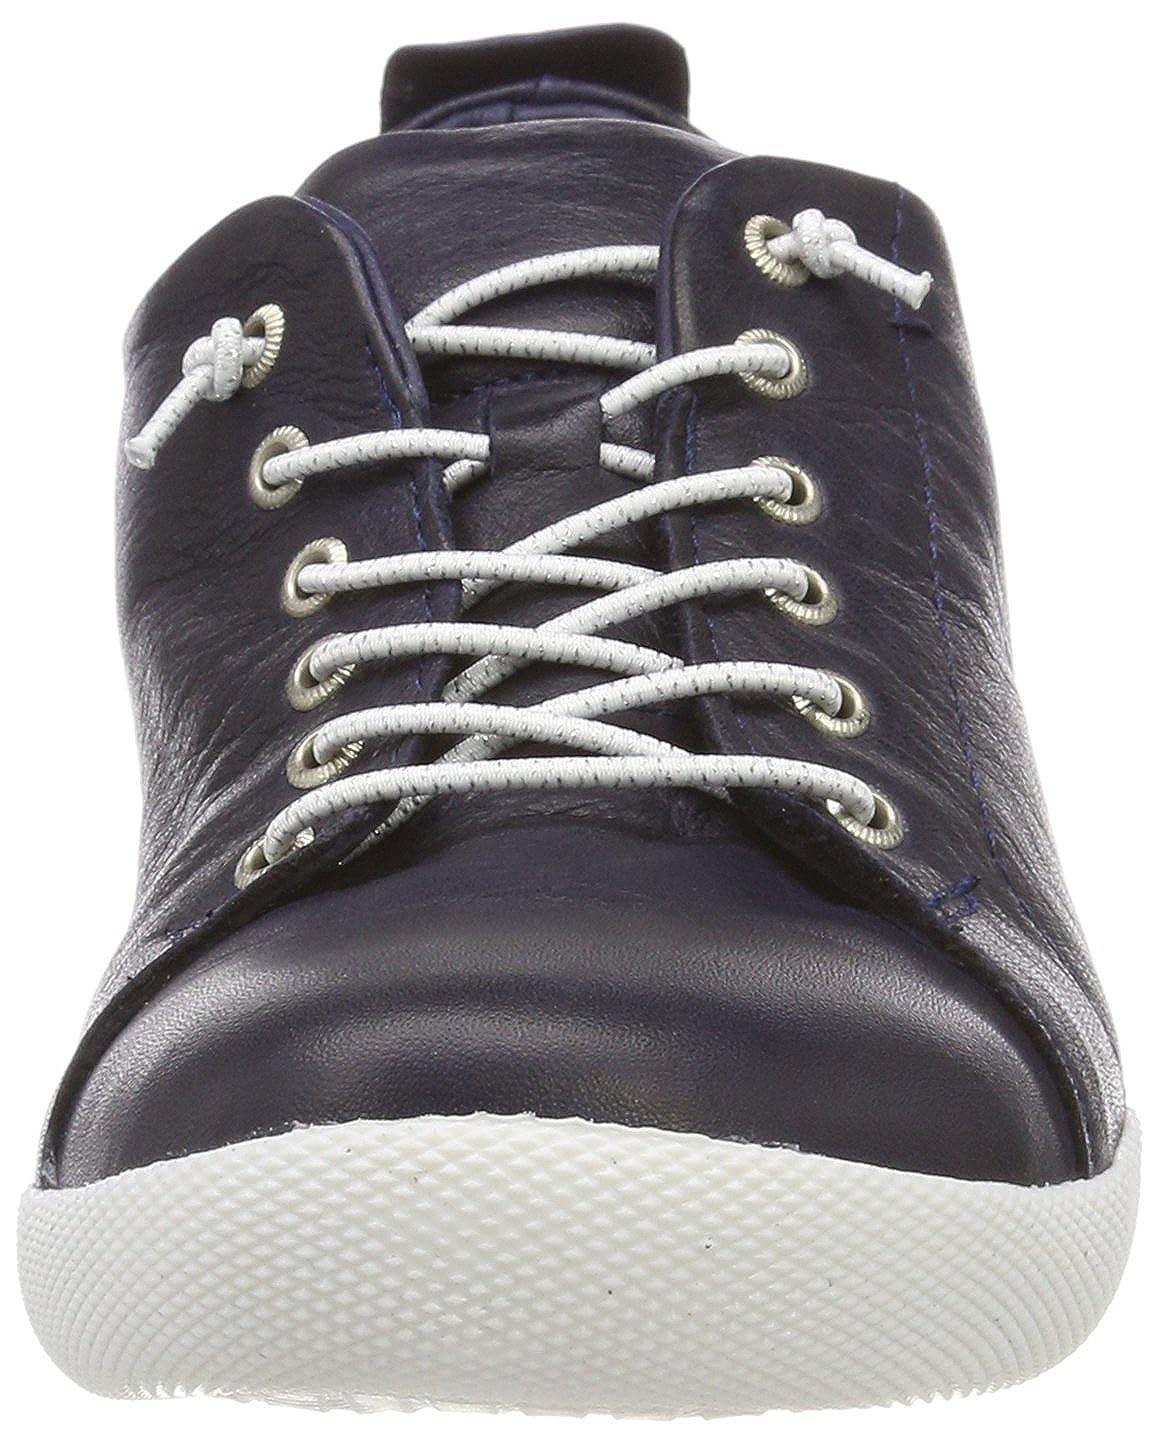 Femme Et Andrea Baskets Sacs Chaussures Conti 0345724 RTgRq8ctrH